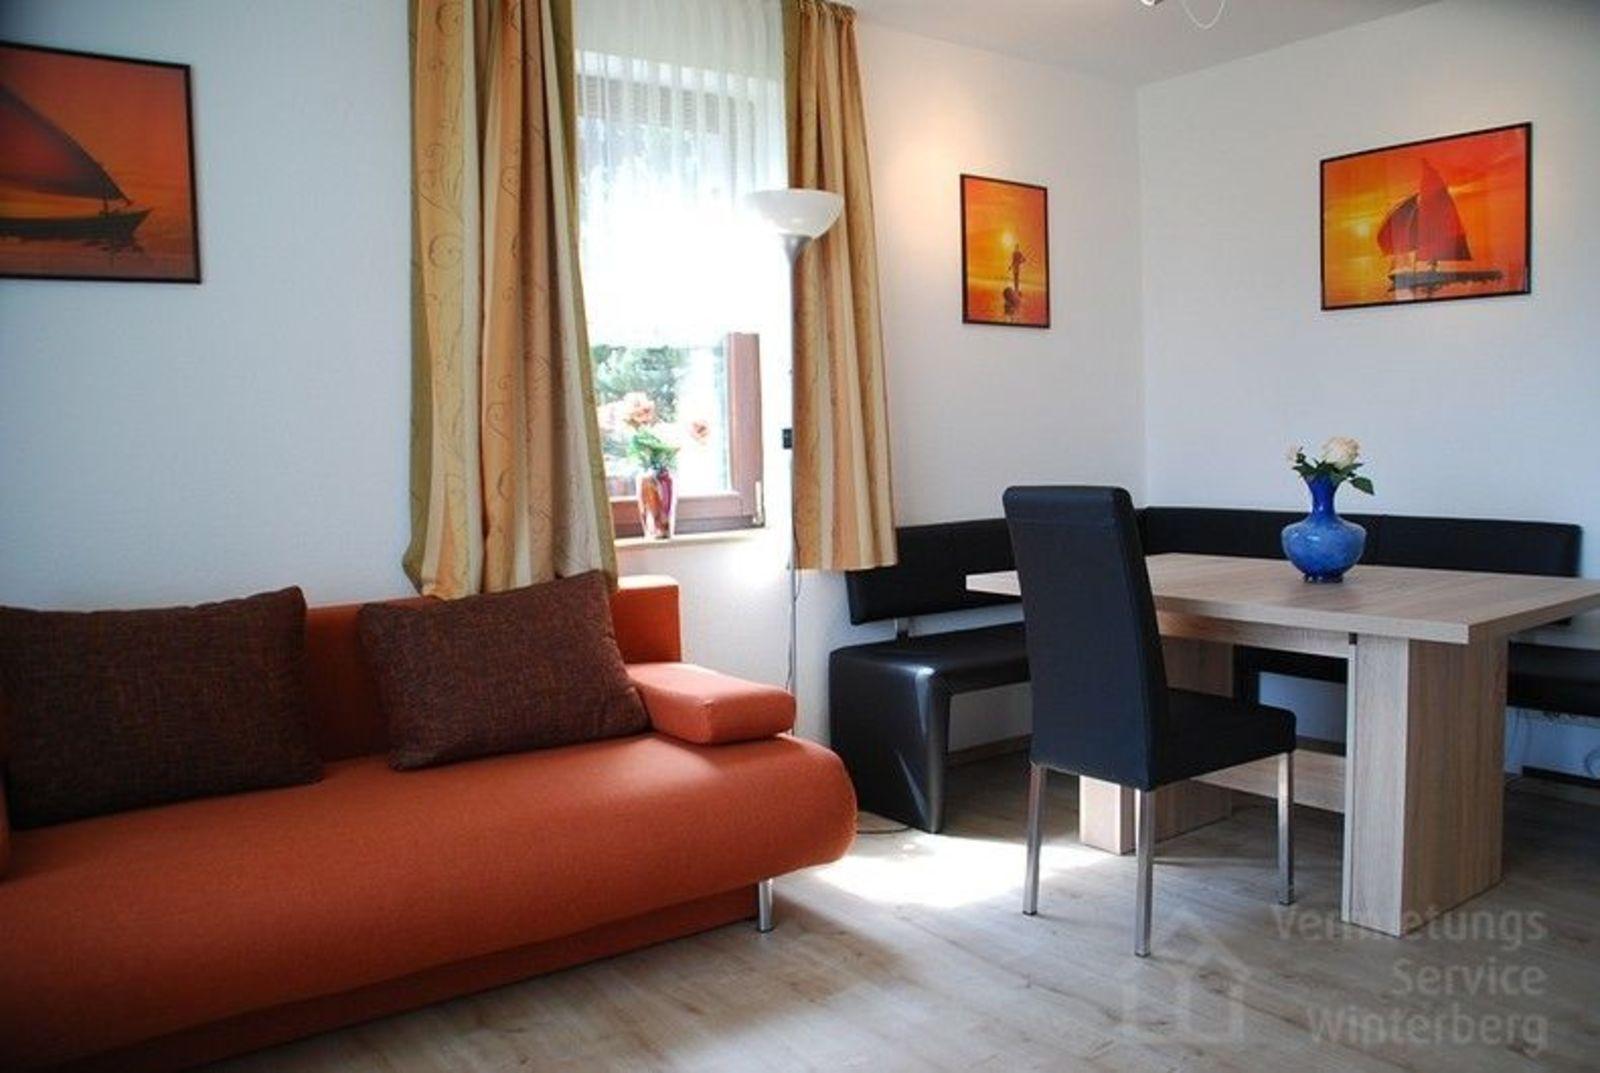 Combi-Appartement - Fichtenweg 26 [A4 & A5]   Winterberg